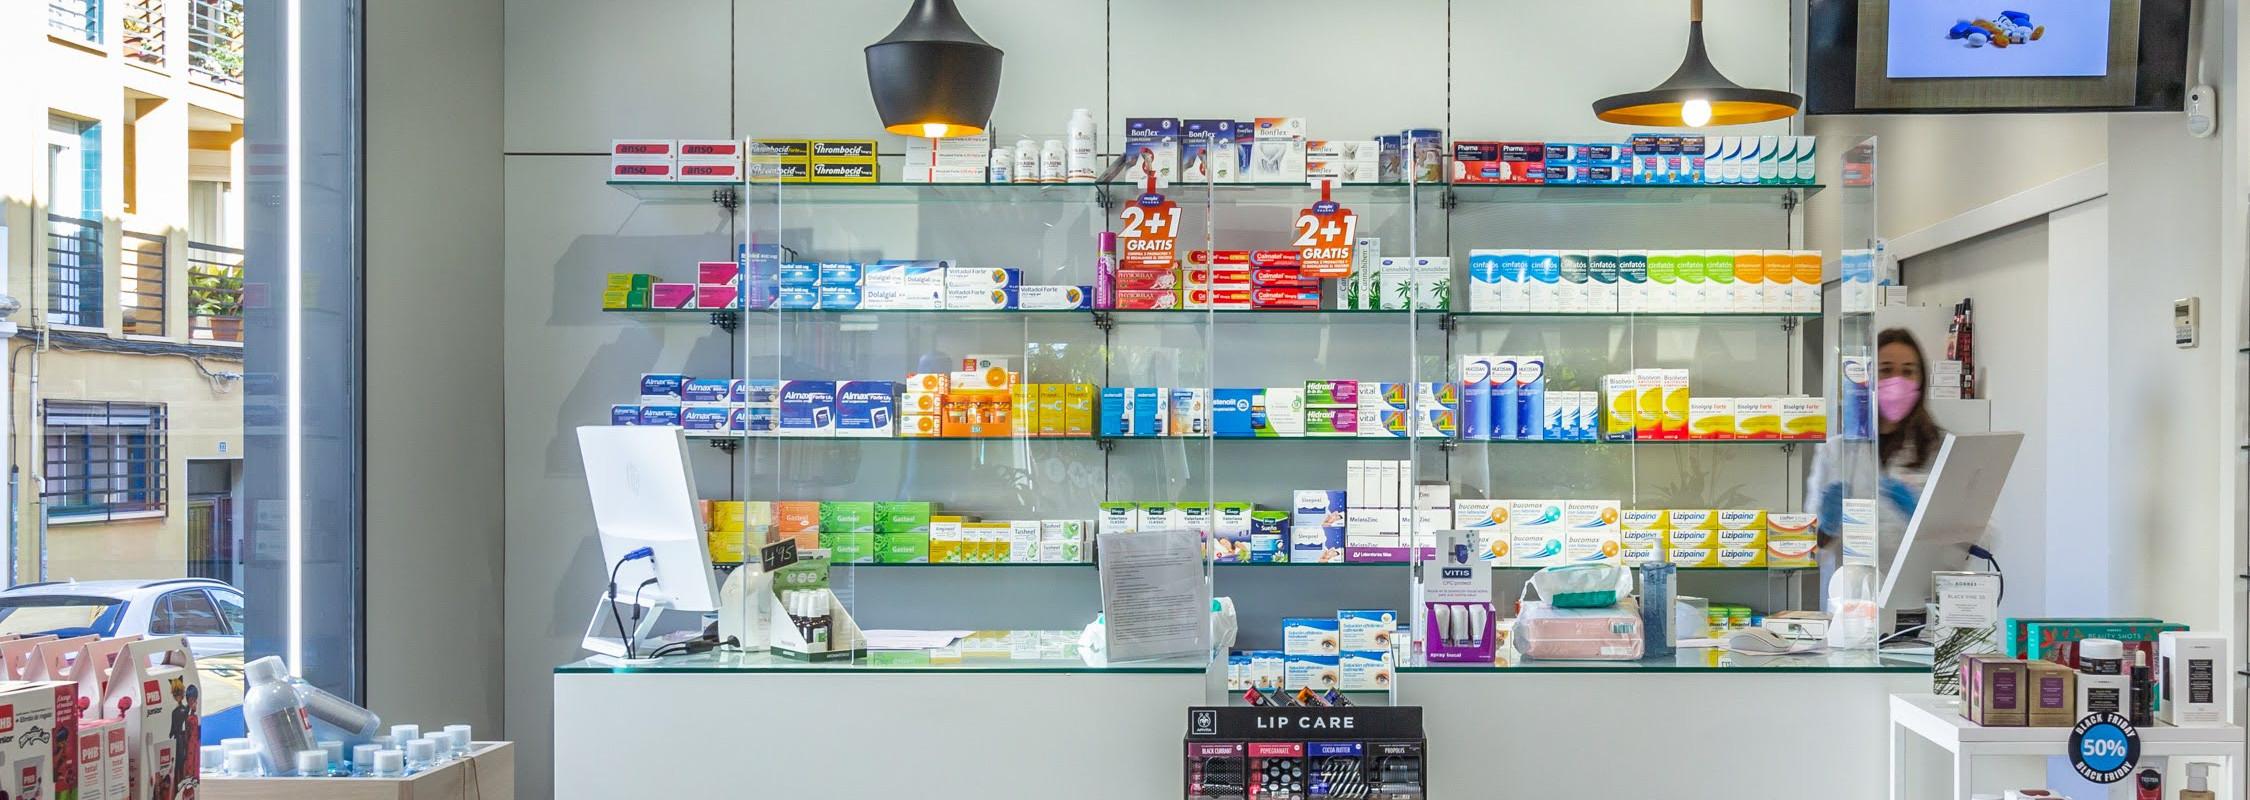 FarmaciaCervantes_WEB_10 (2)